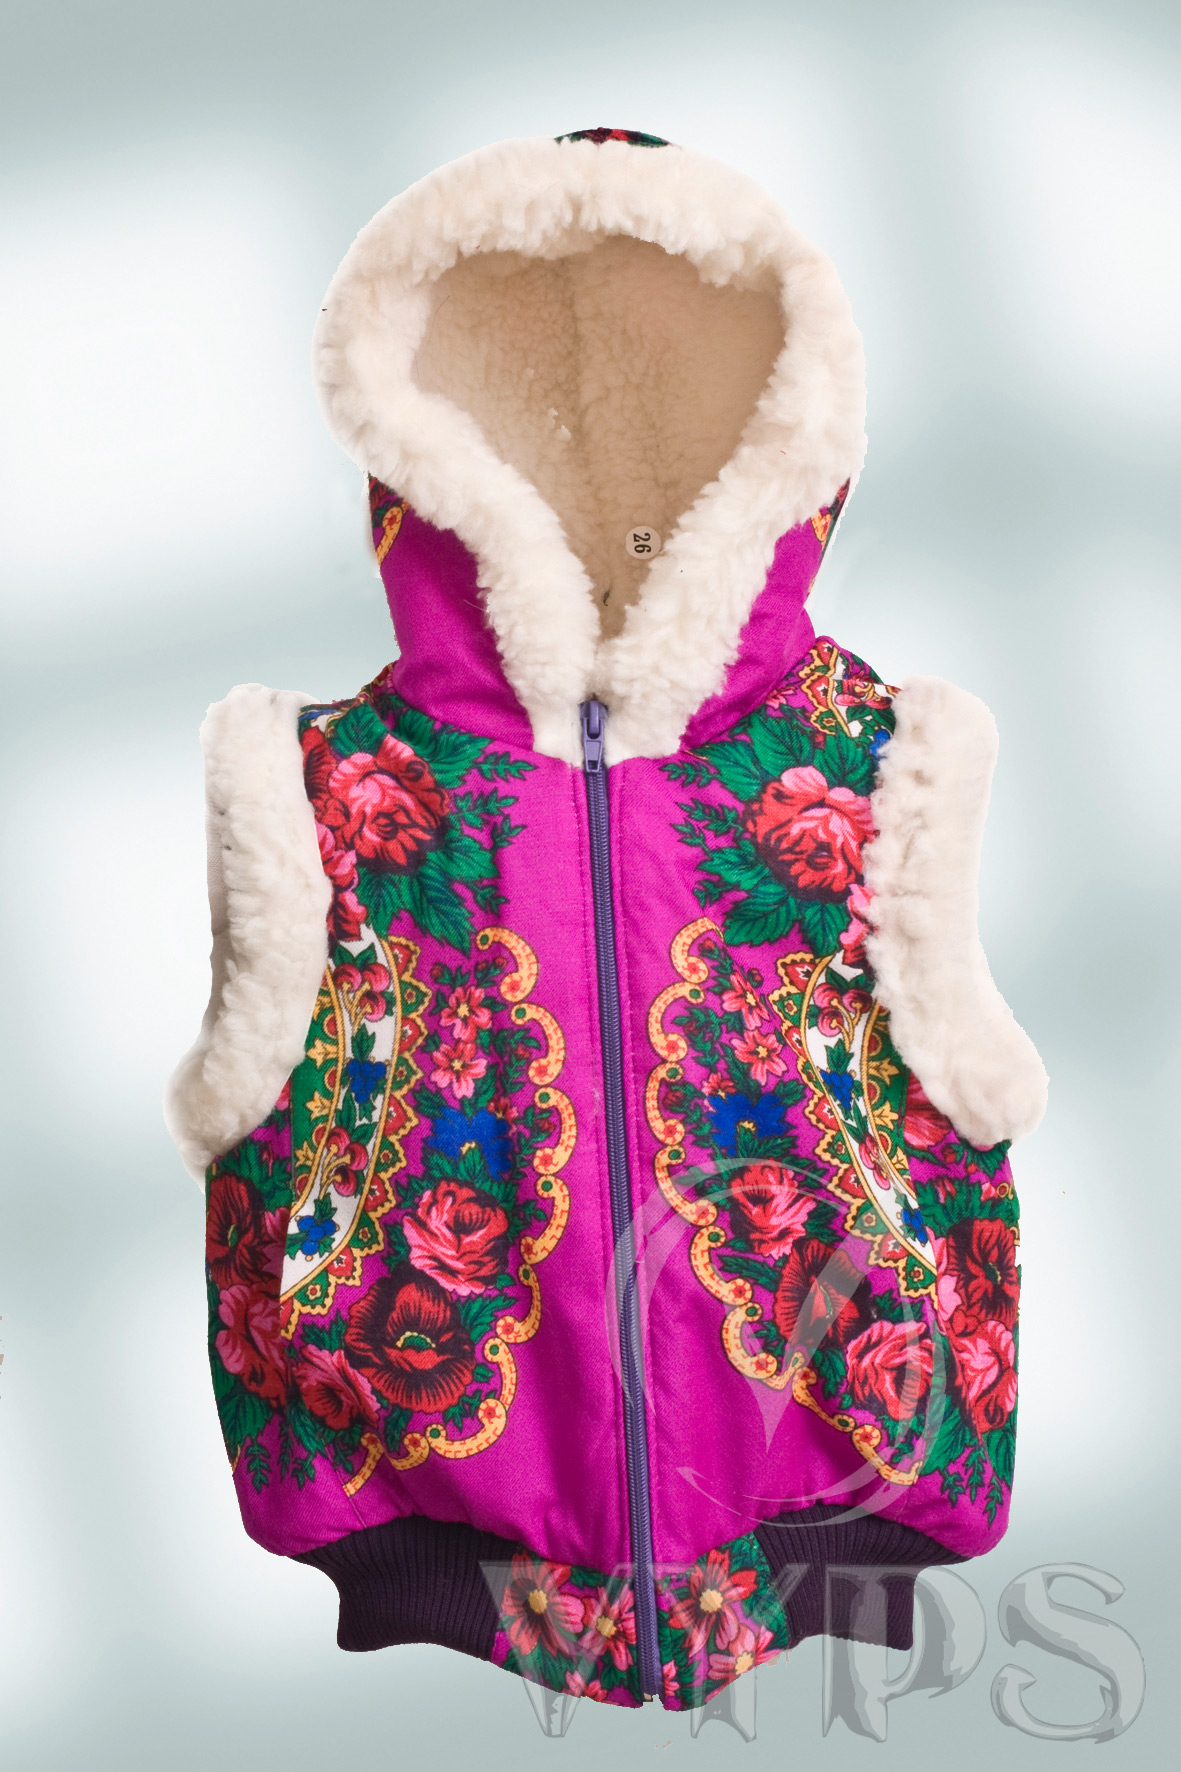 Сбор заказов. Жилетки и куртки на овчине, для девчонок и мальчишек. Цены от 600 руб. Без рядов.